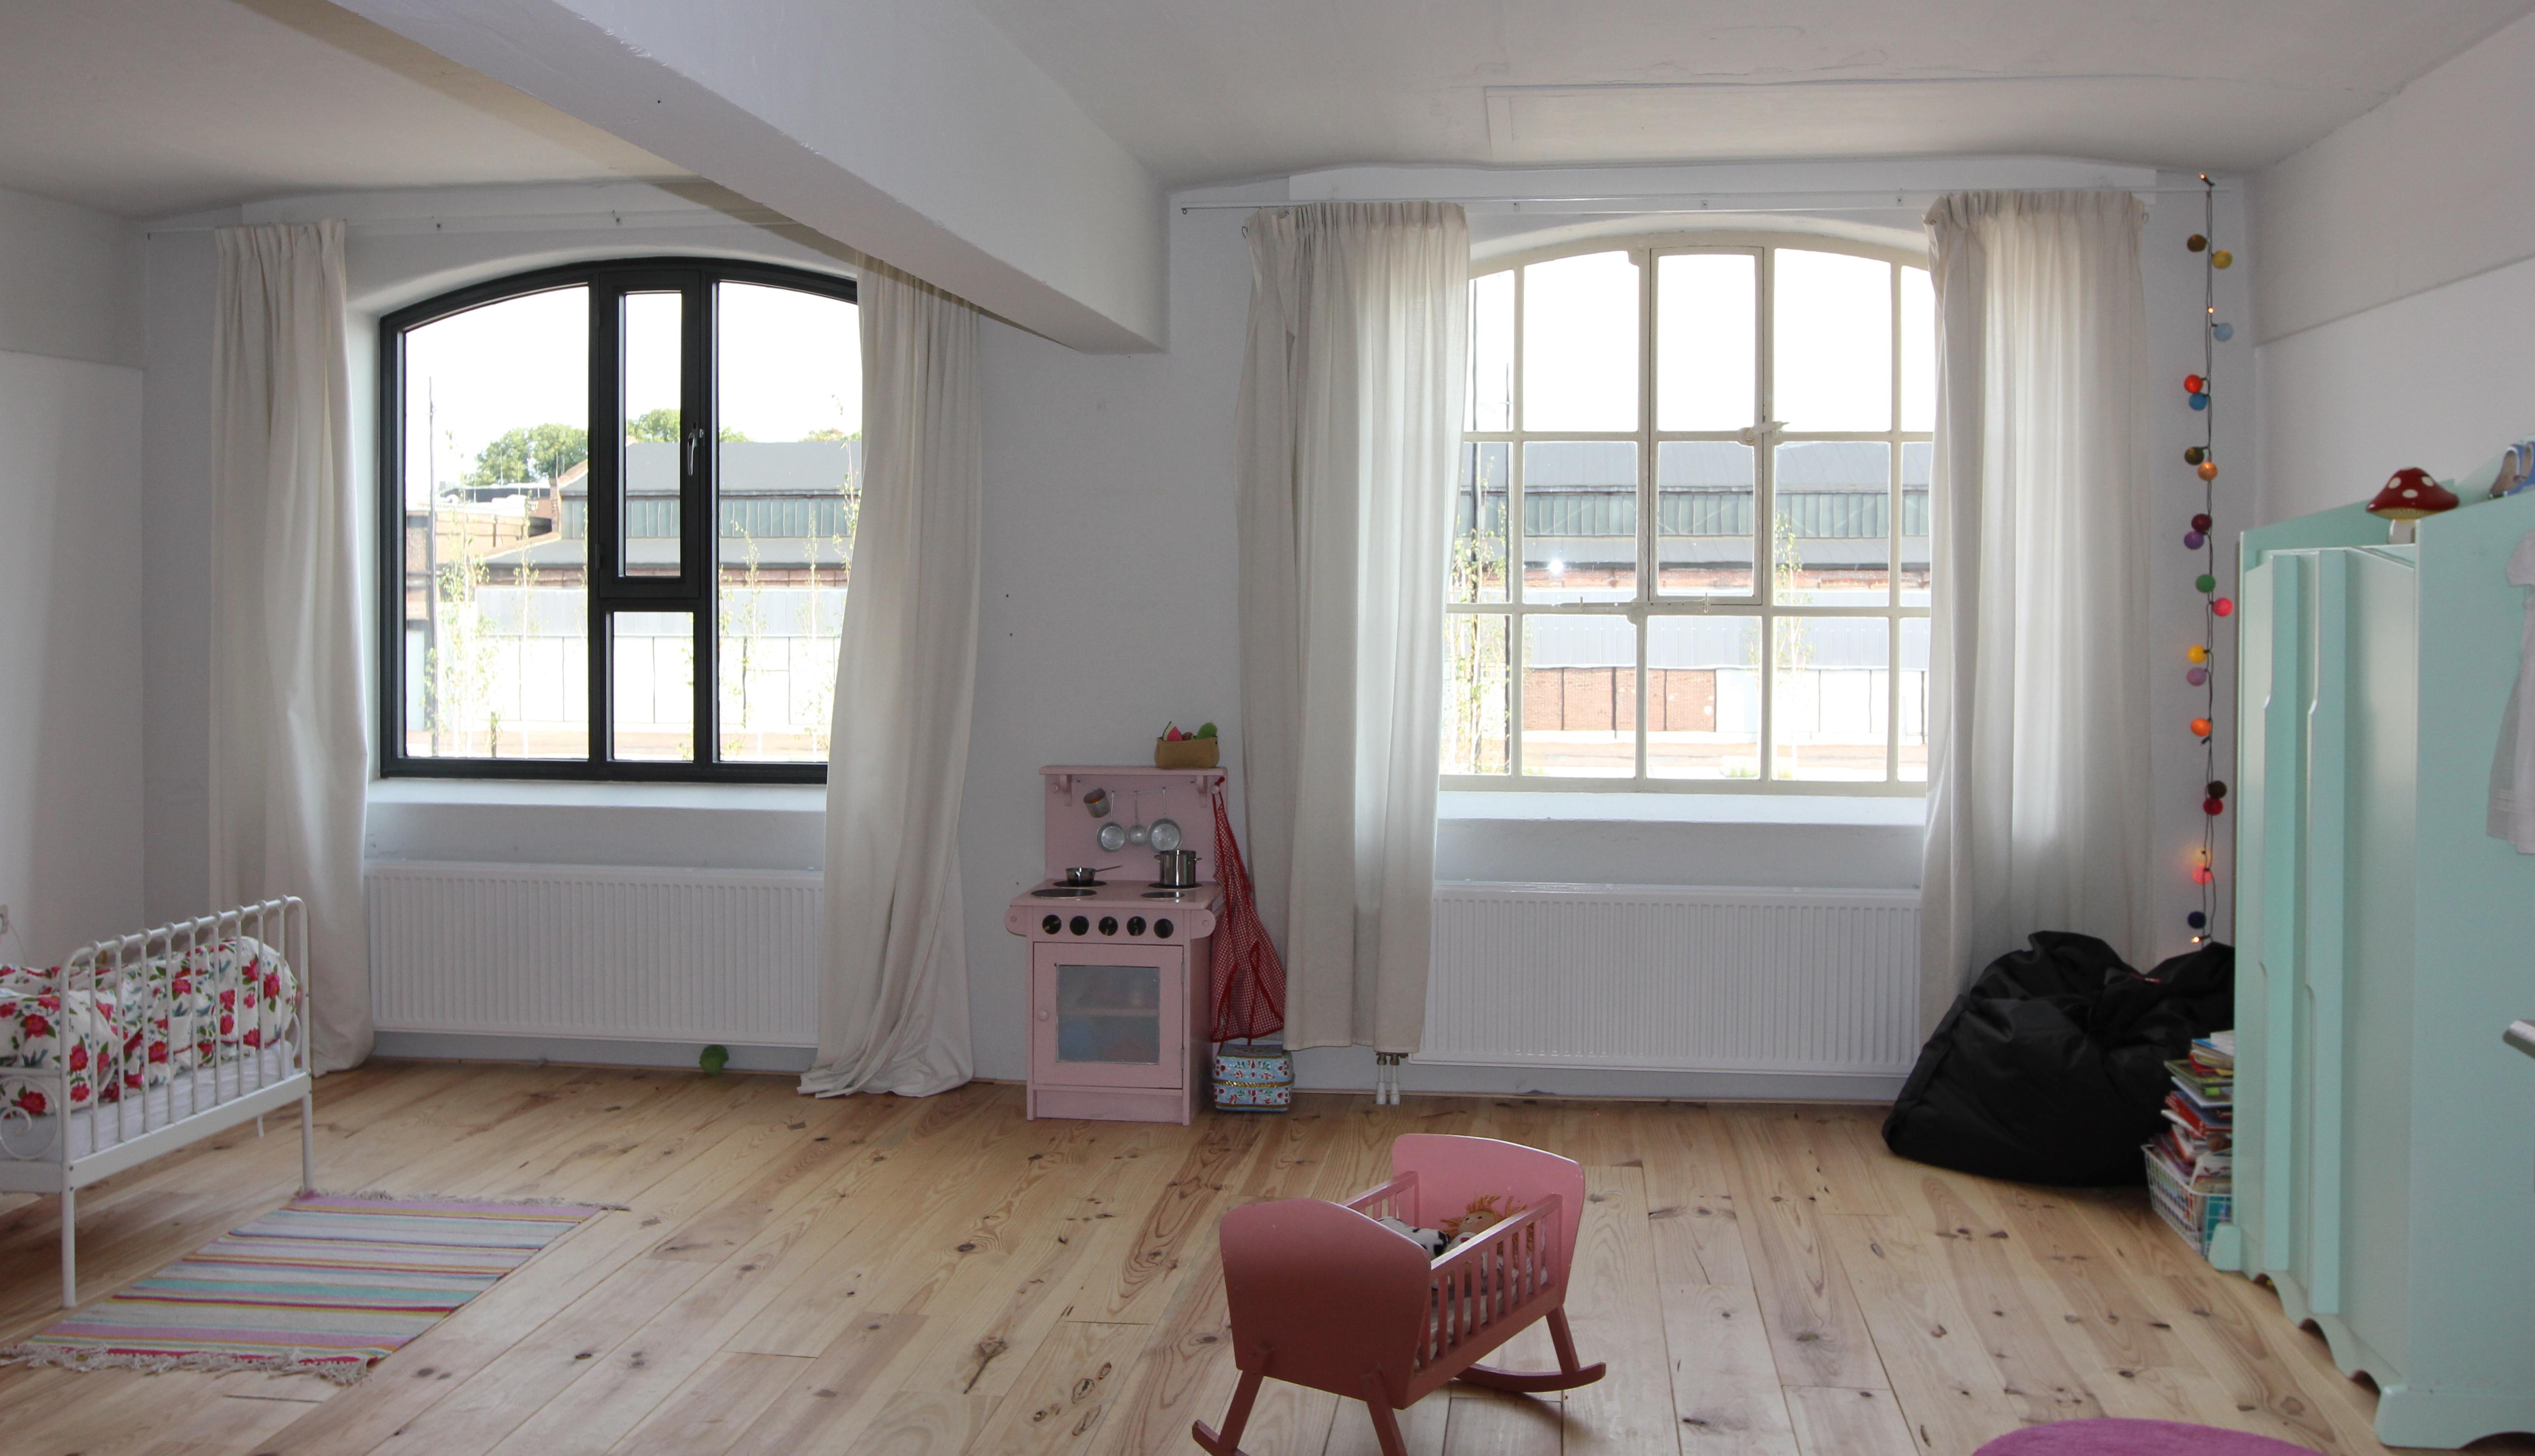 Witte Grenen Vloer : Wit verven houten vloer: houten vloer wit verven. houten vloer